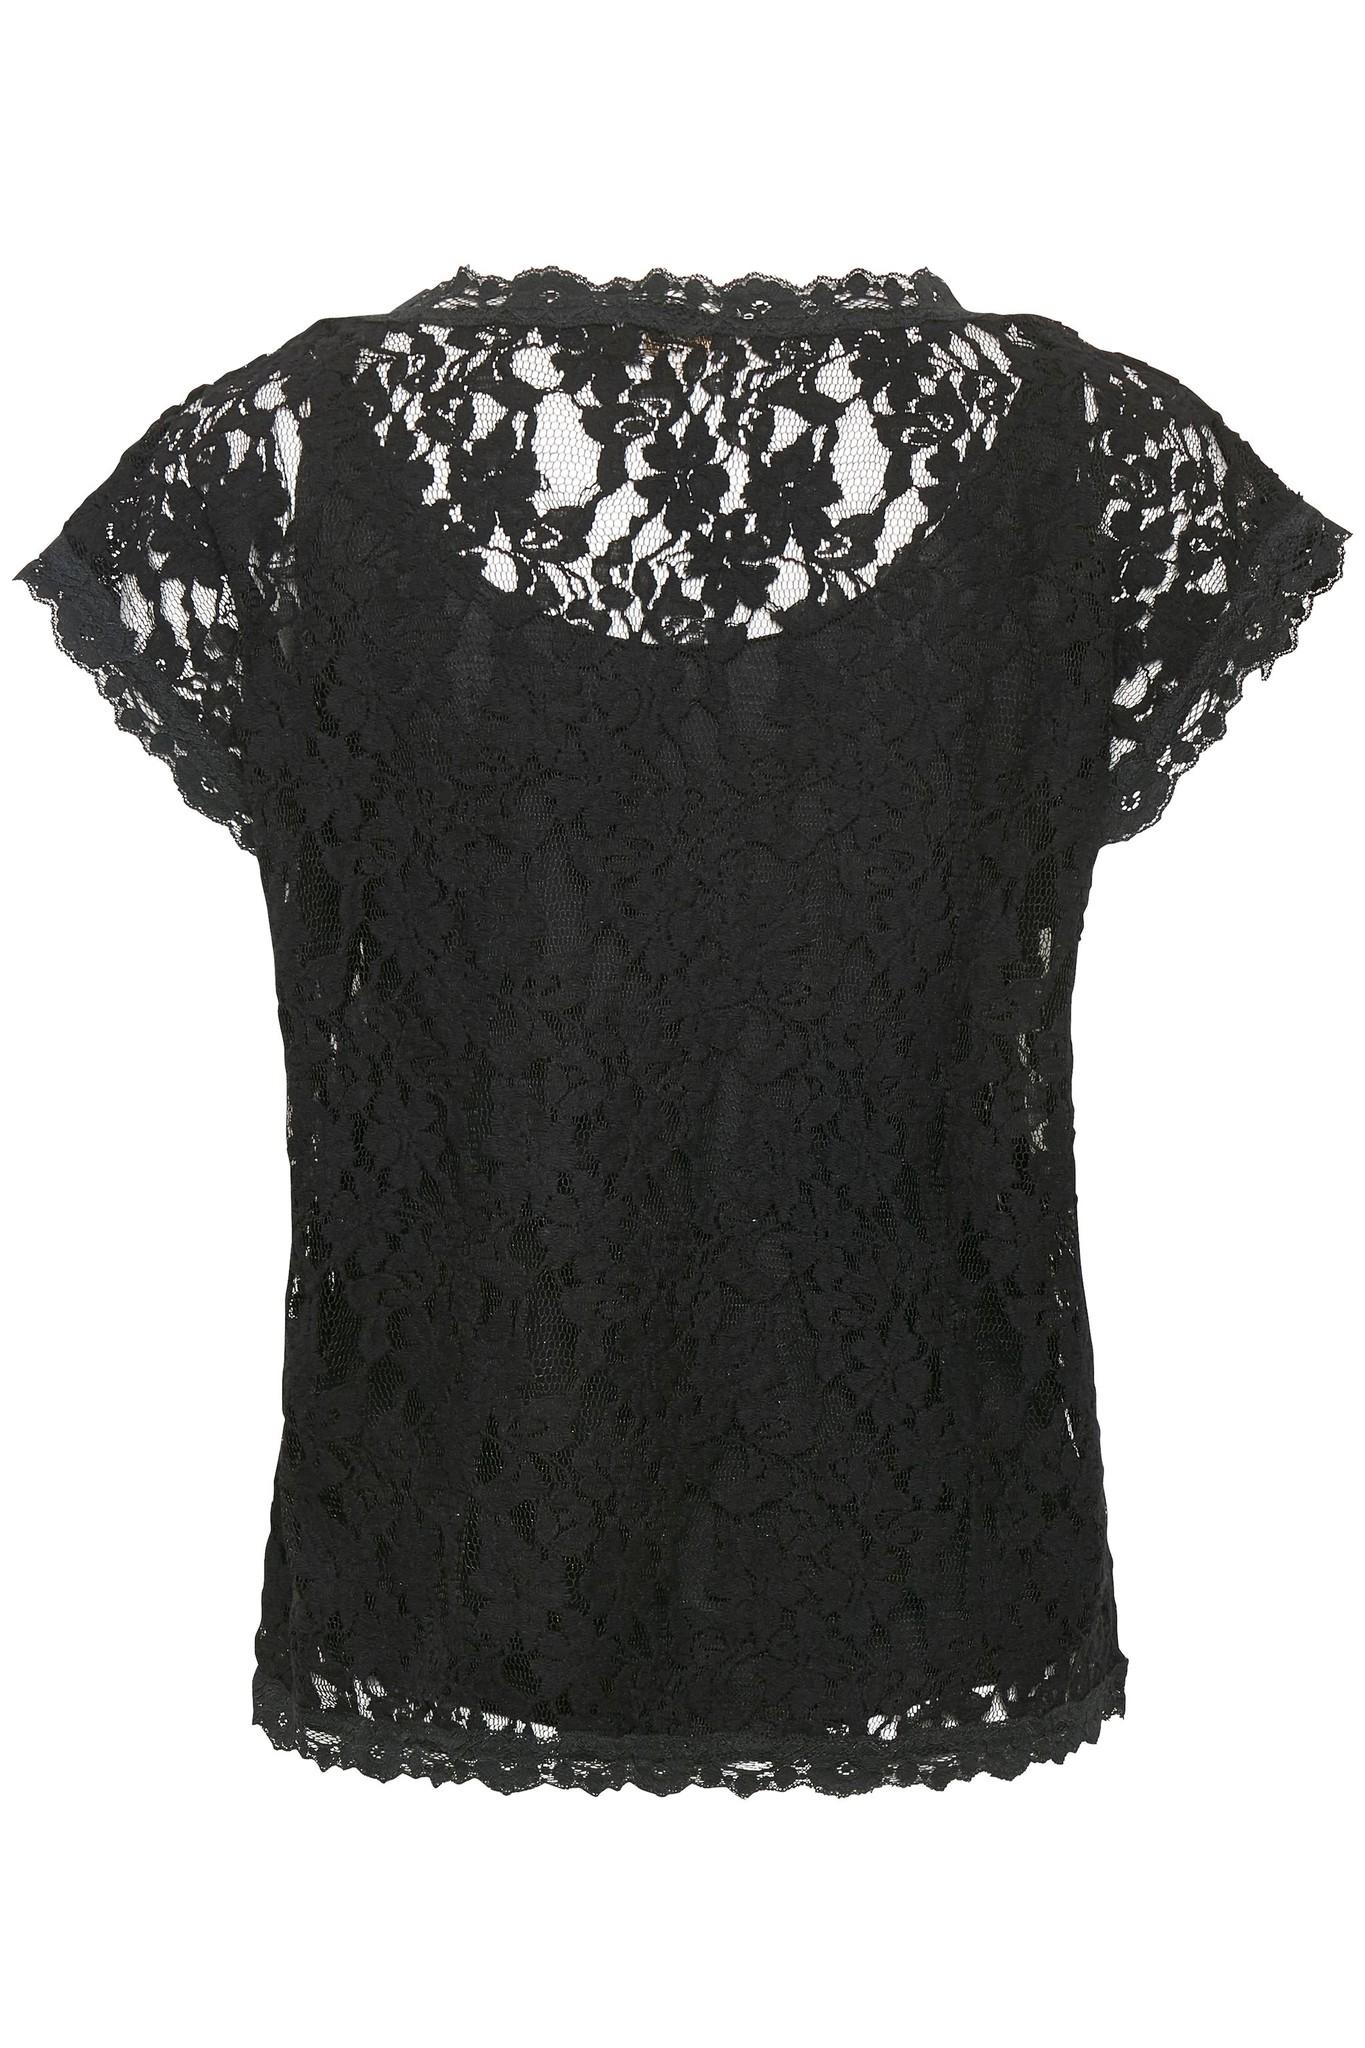 Top Vivi lace blouse pitch black-2